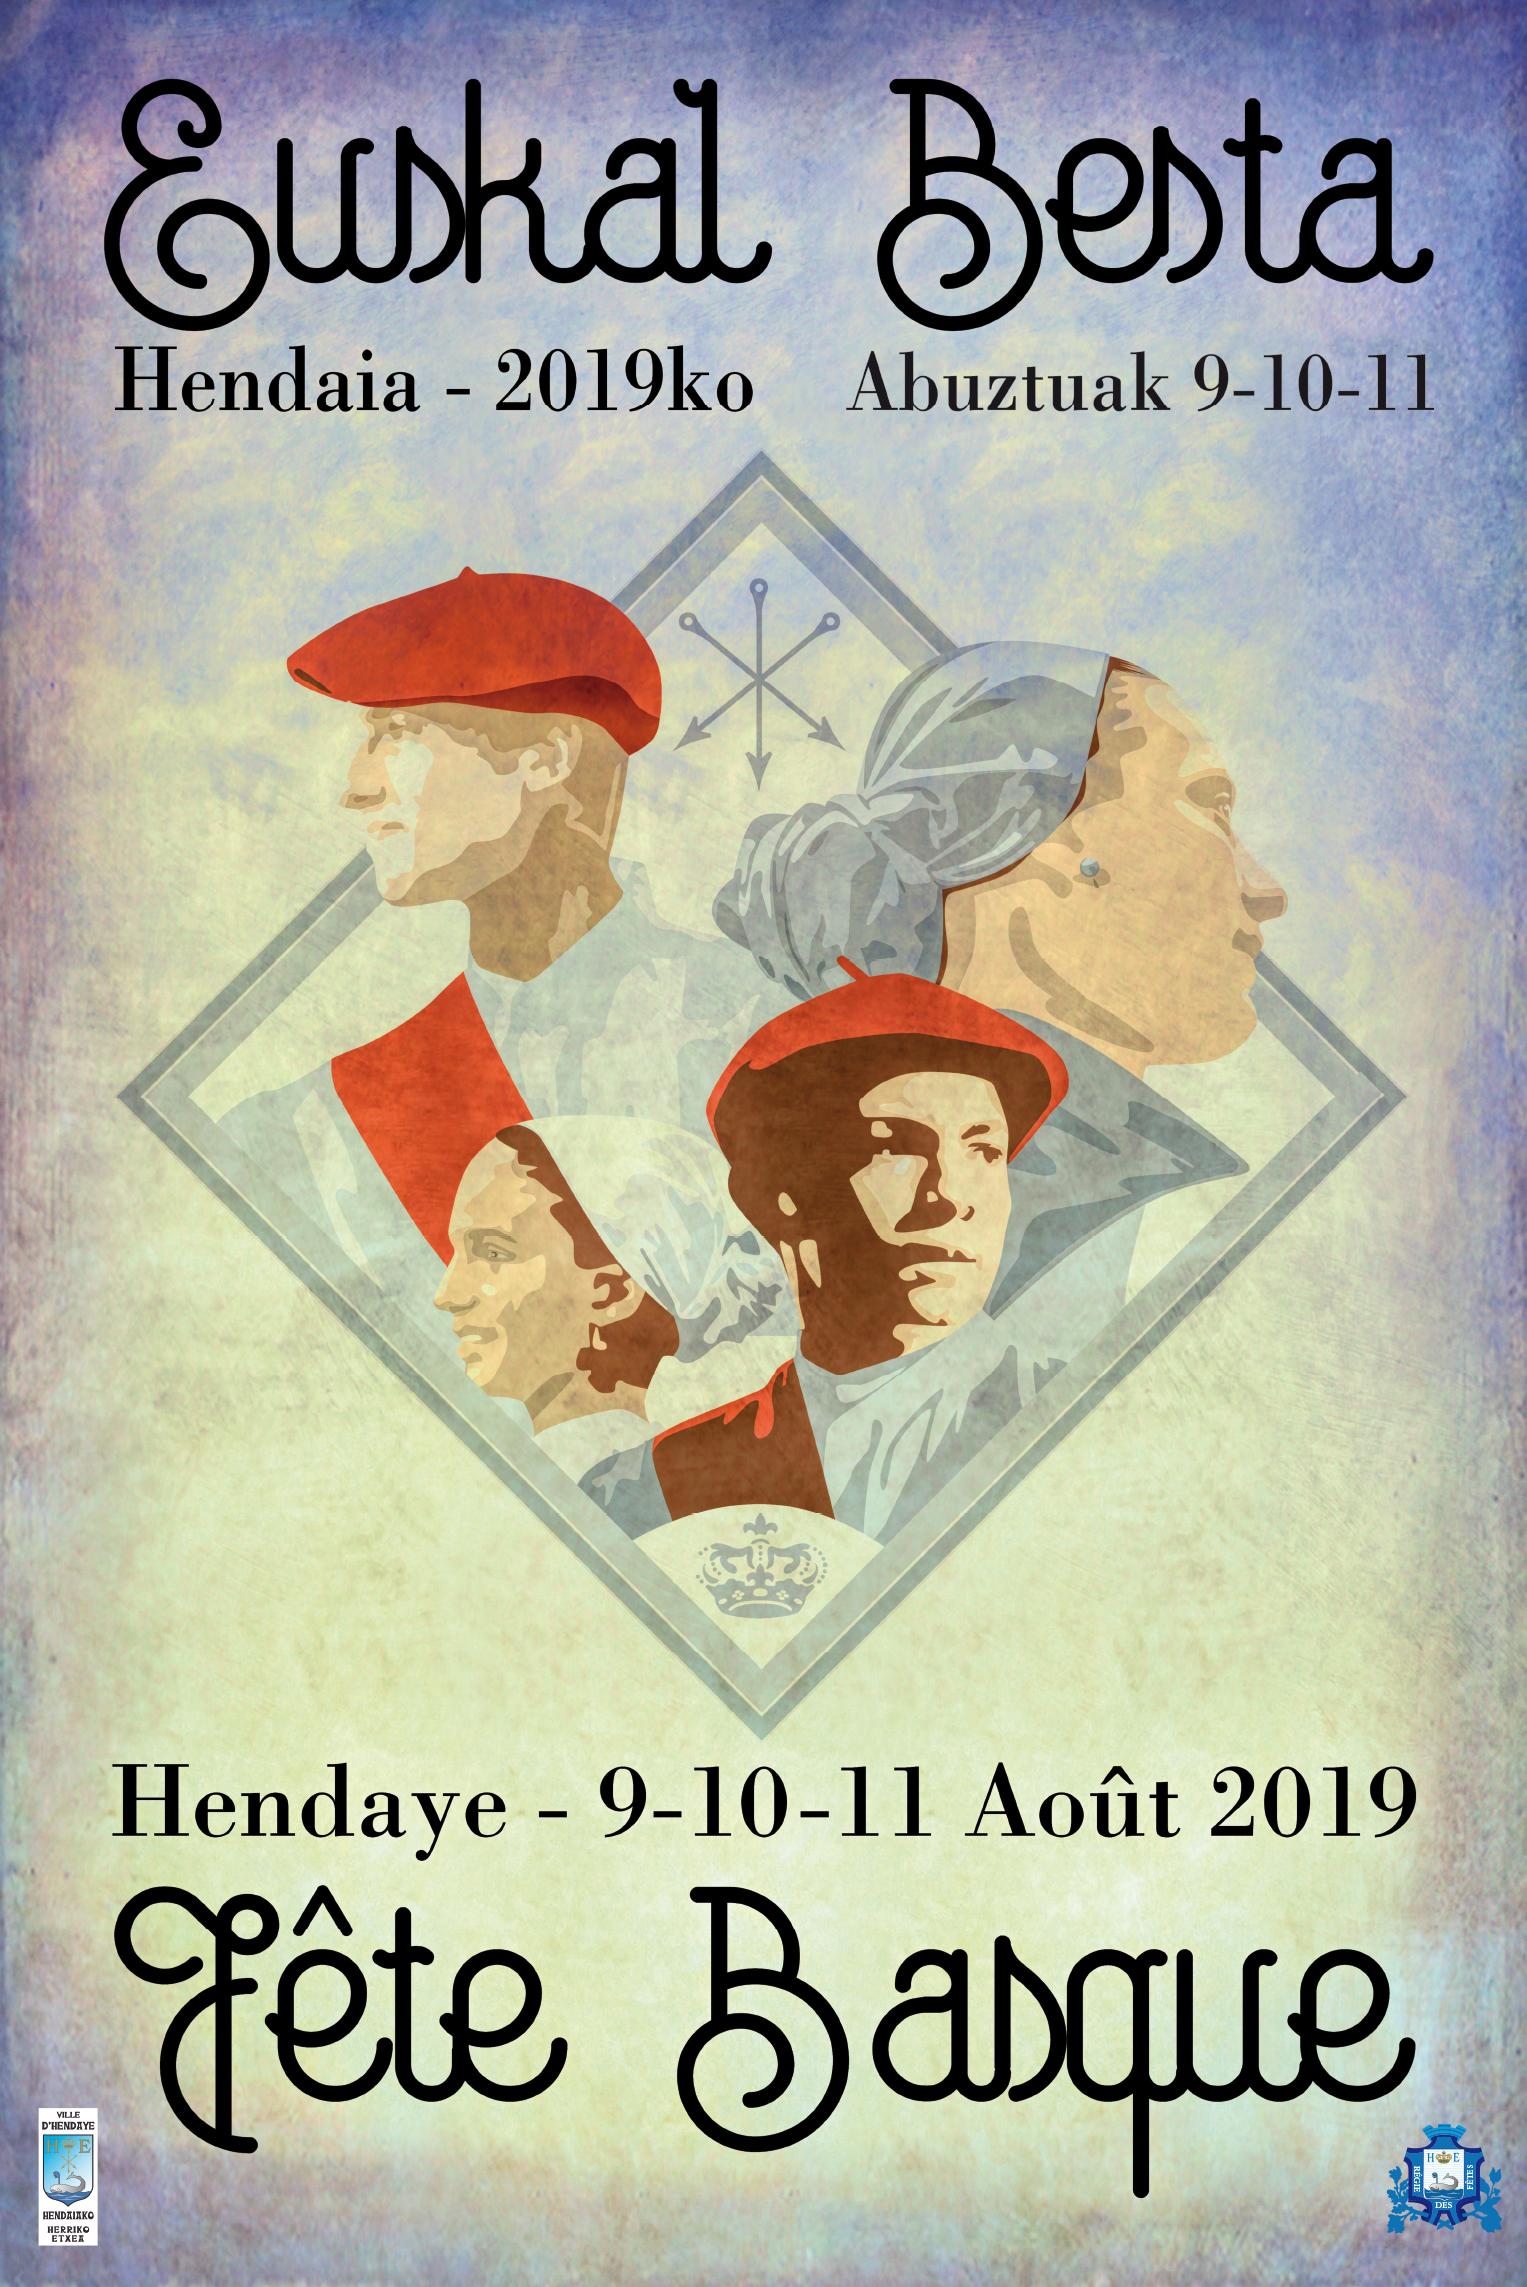 Affiche Fête Basque Hendaye 2019